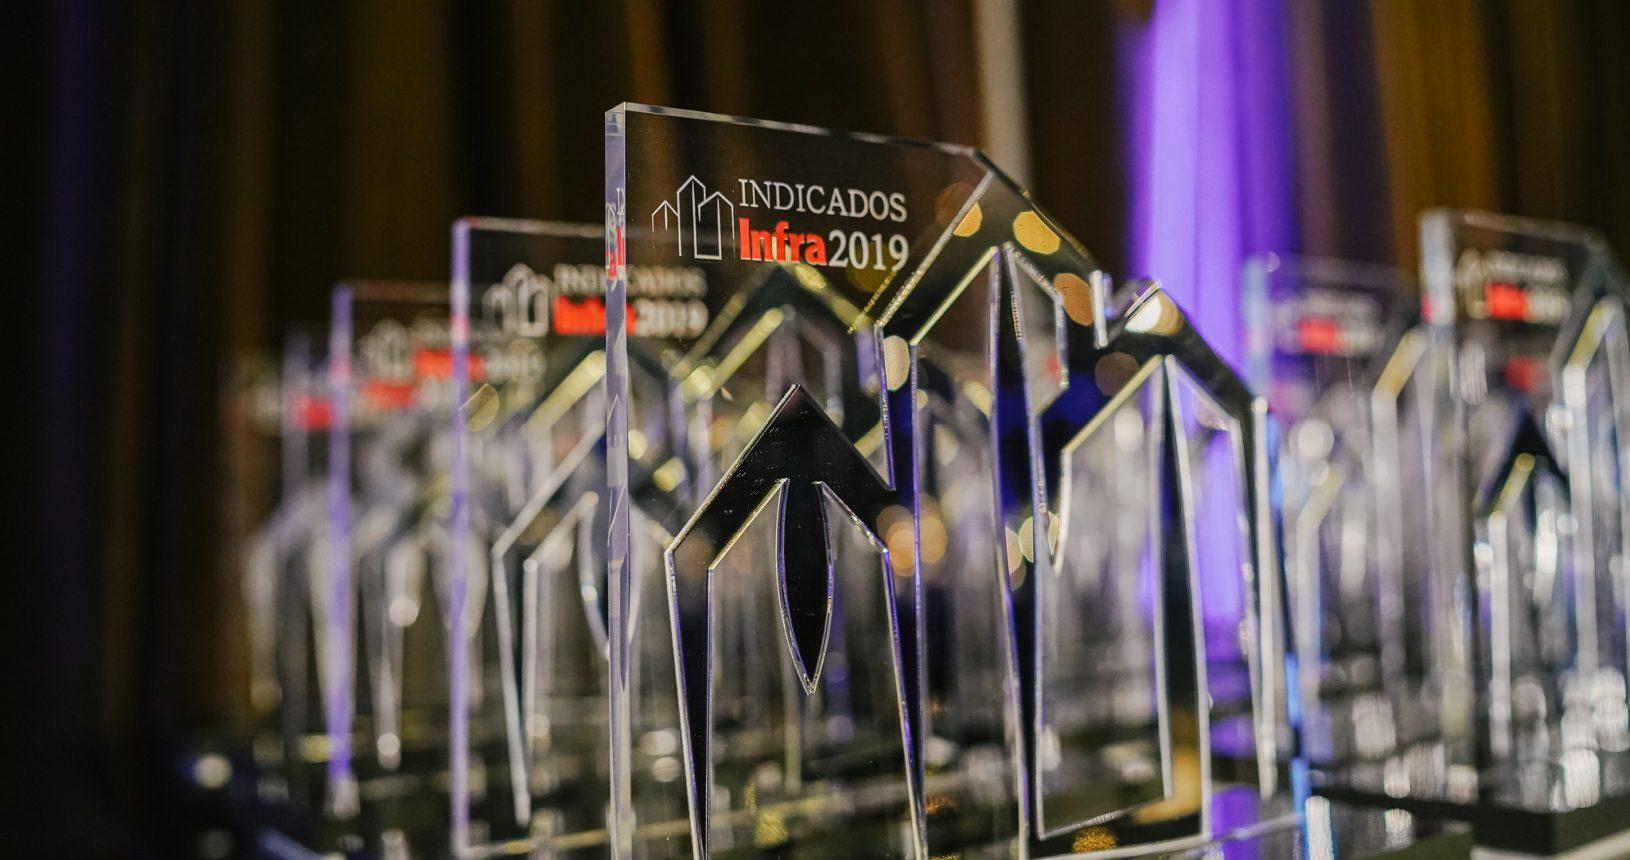 INDICADOS INFRA 201-GRUPO VIKINGS